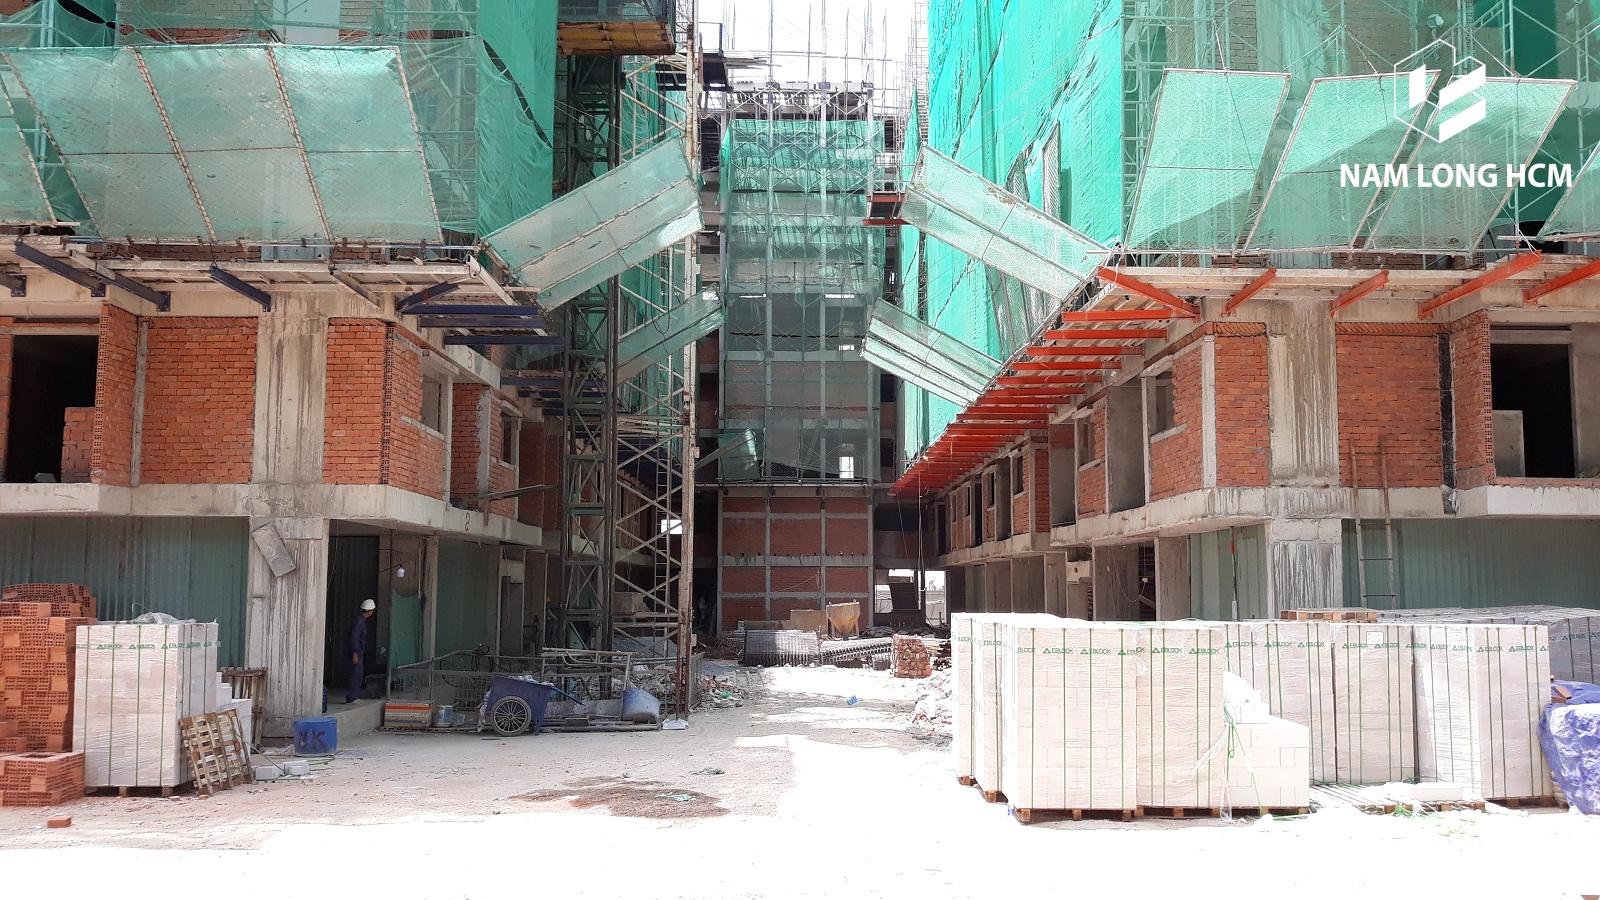 Nhà thầu đang thi công tường ngăn giữa các căn hộ tại dự án Ehome Mizuki Park. Ảnh: nam Long HCM